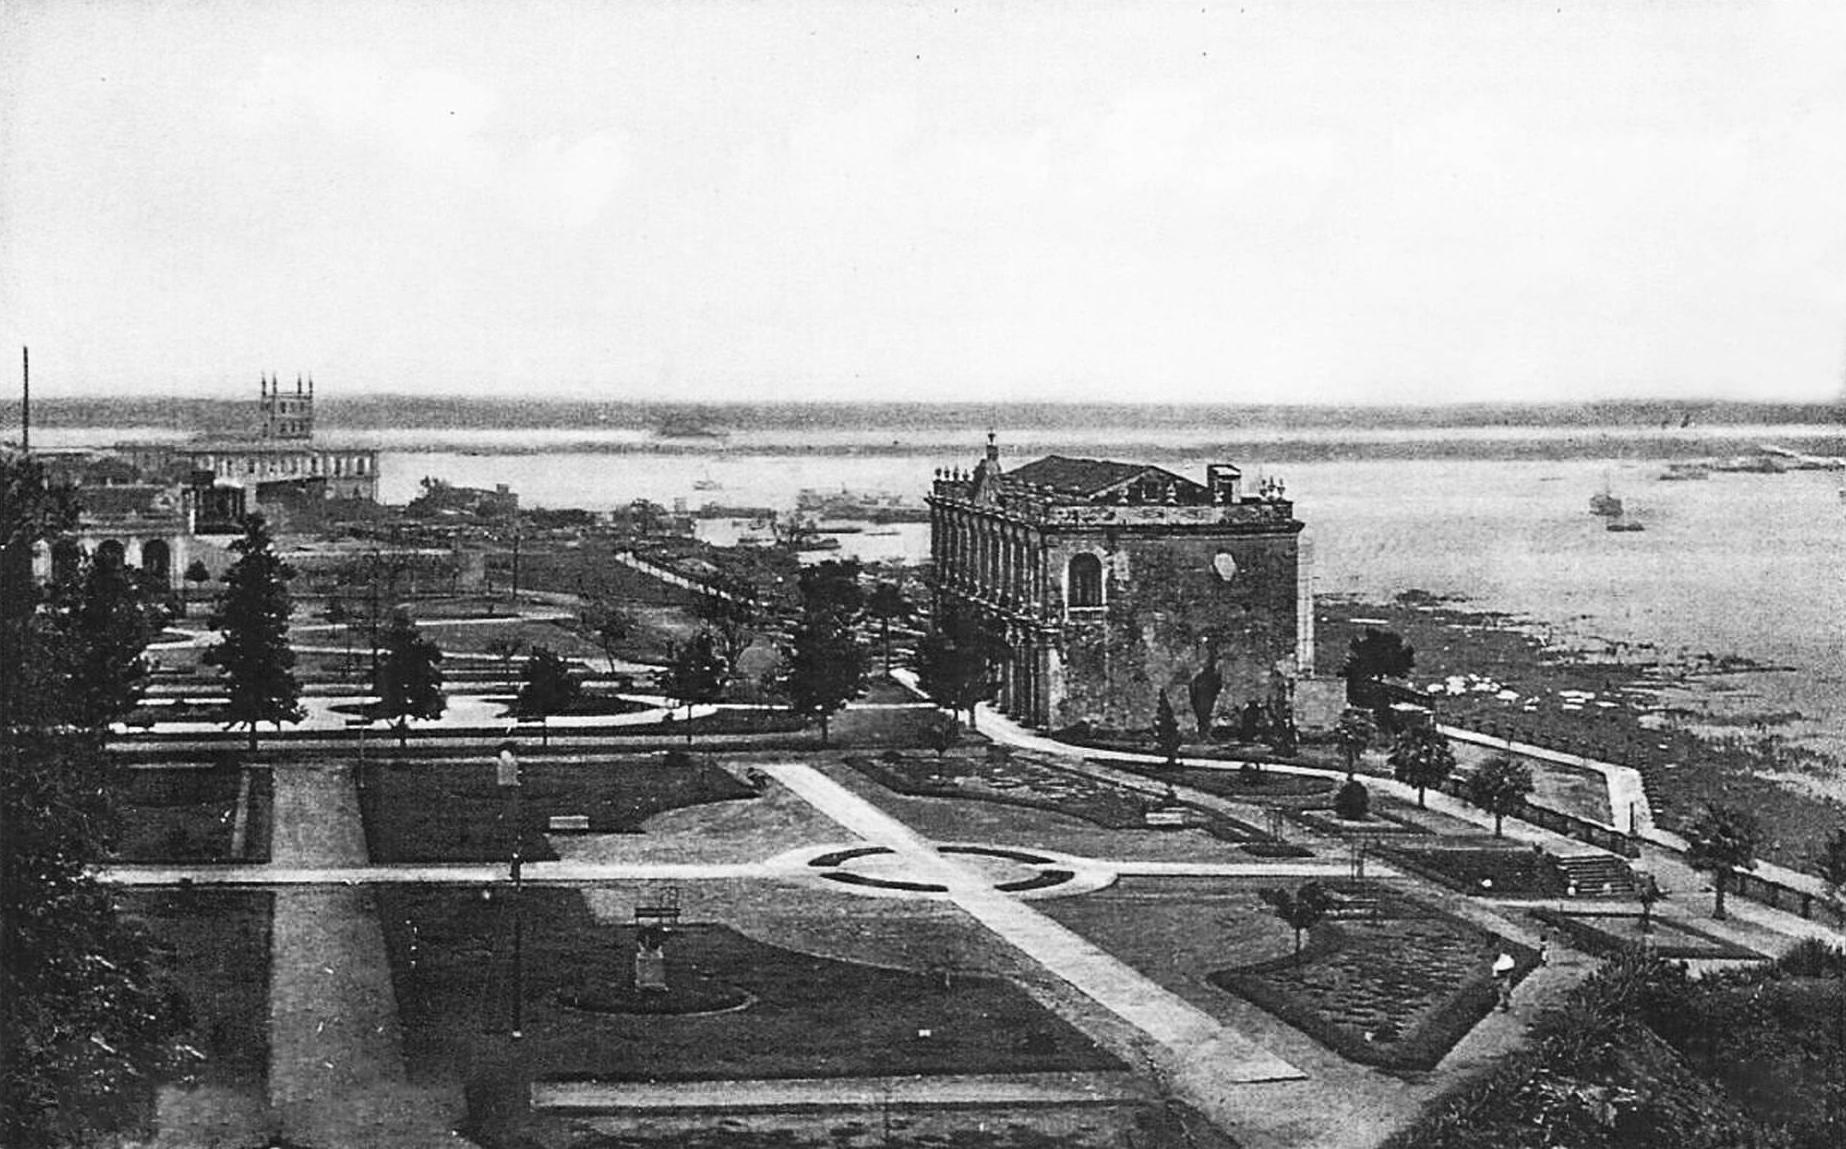 Jardines del ensanche de plaza constitución ca 1930